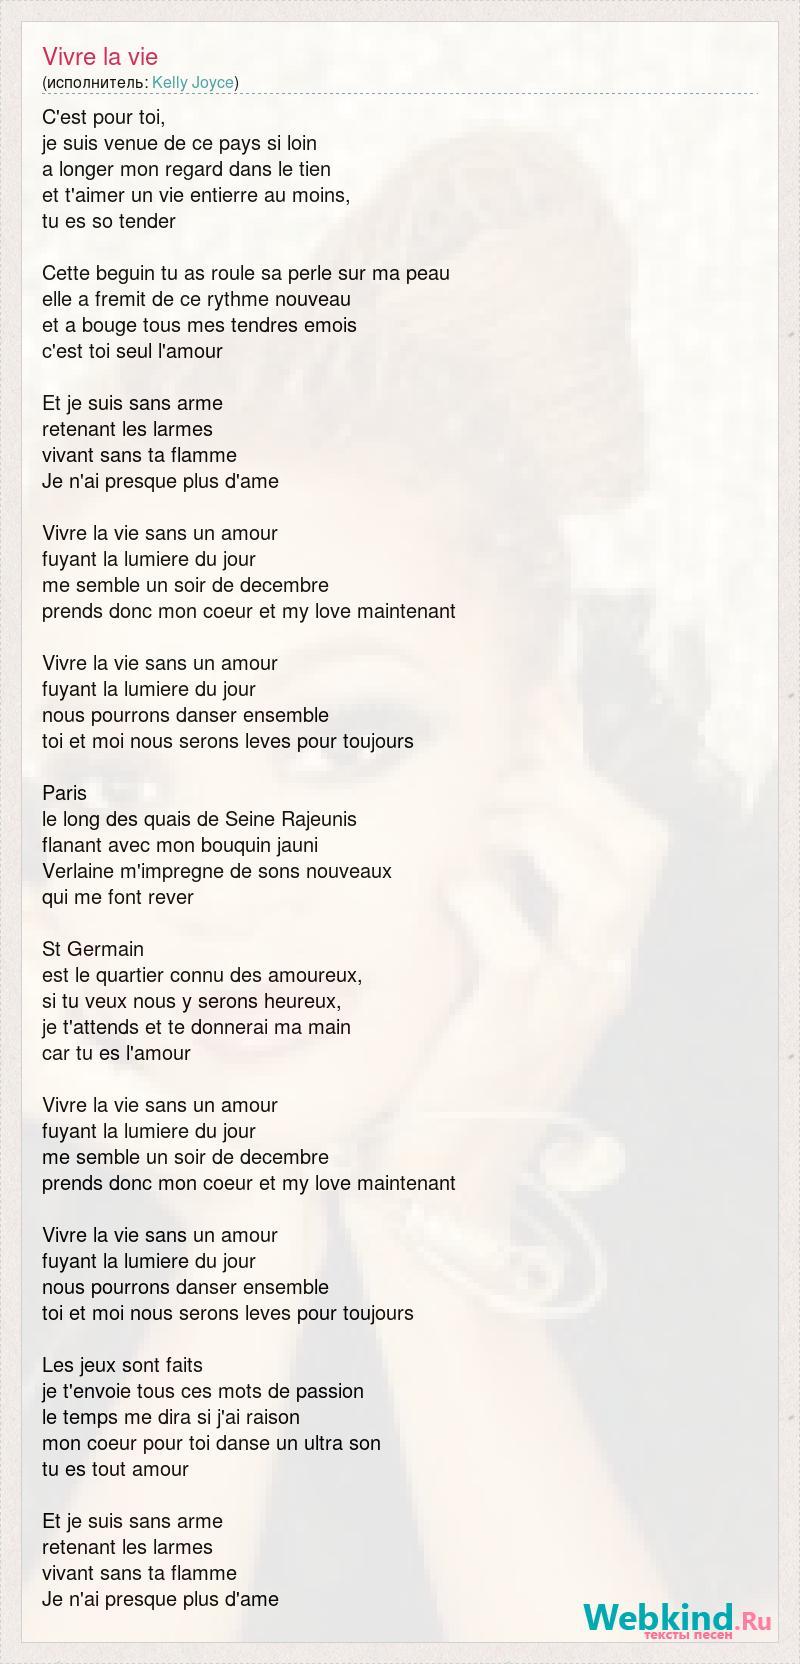 Kelly Joyce Vivre La Vie слова песни